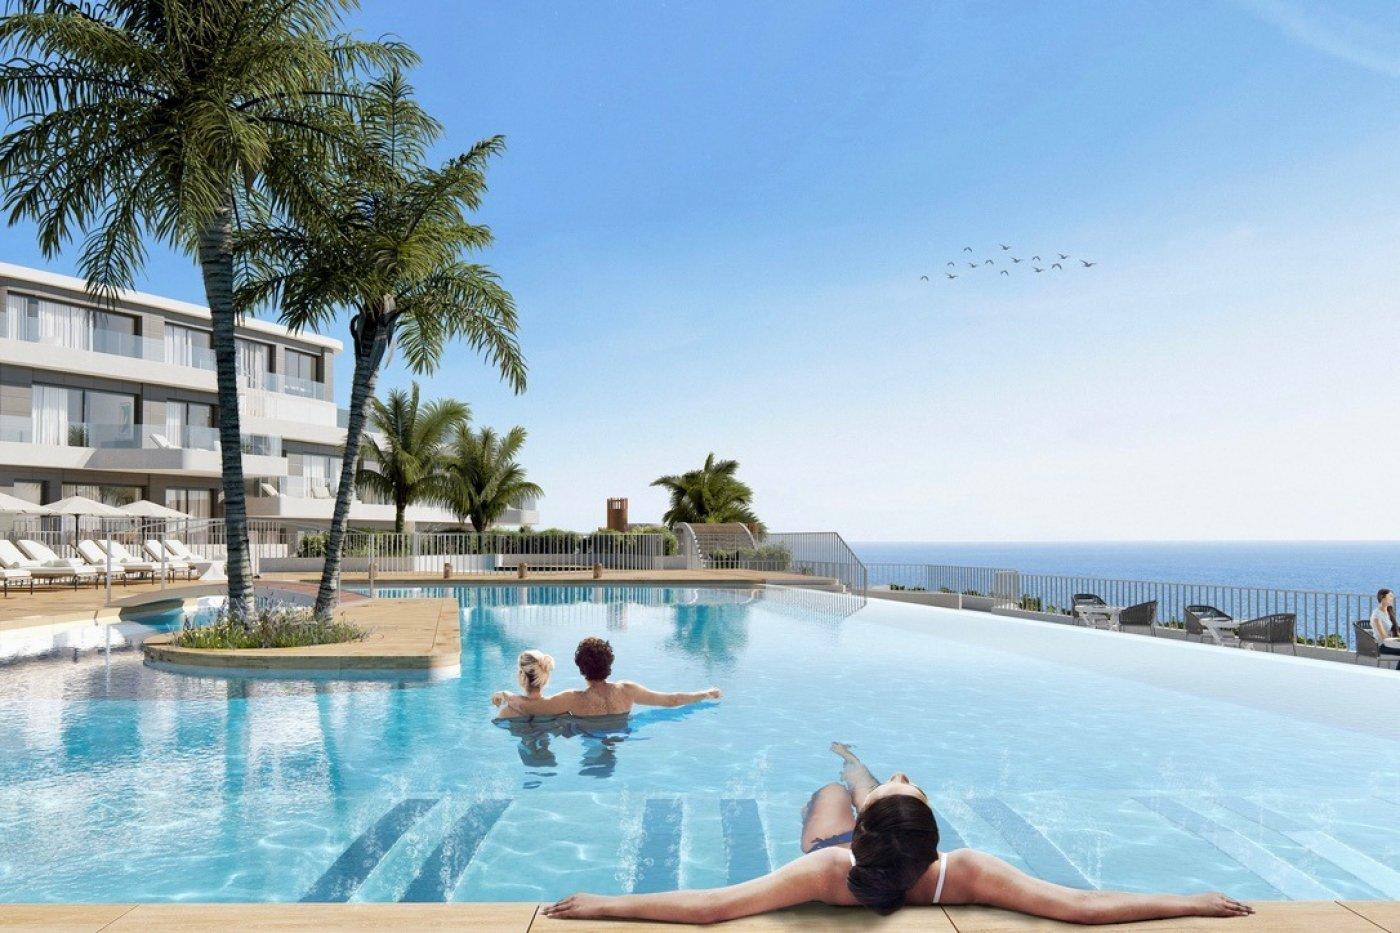 Galleribillede 7 of Exceptionel 2 etagers 4 vær luksus lejlighed, panorama udsigt, 58 m2 og 24 m2 solterrasser